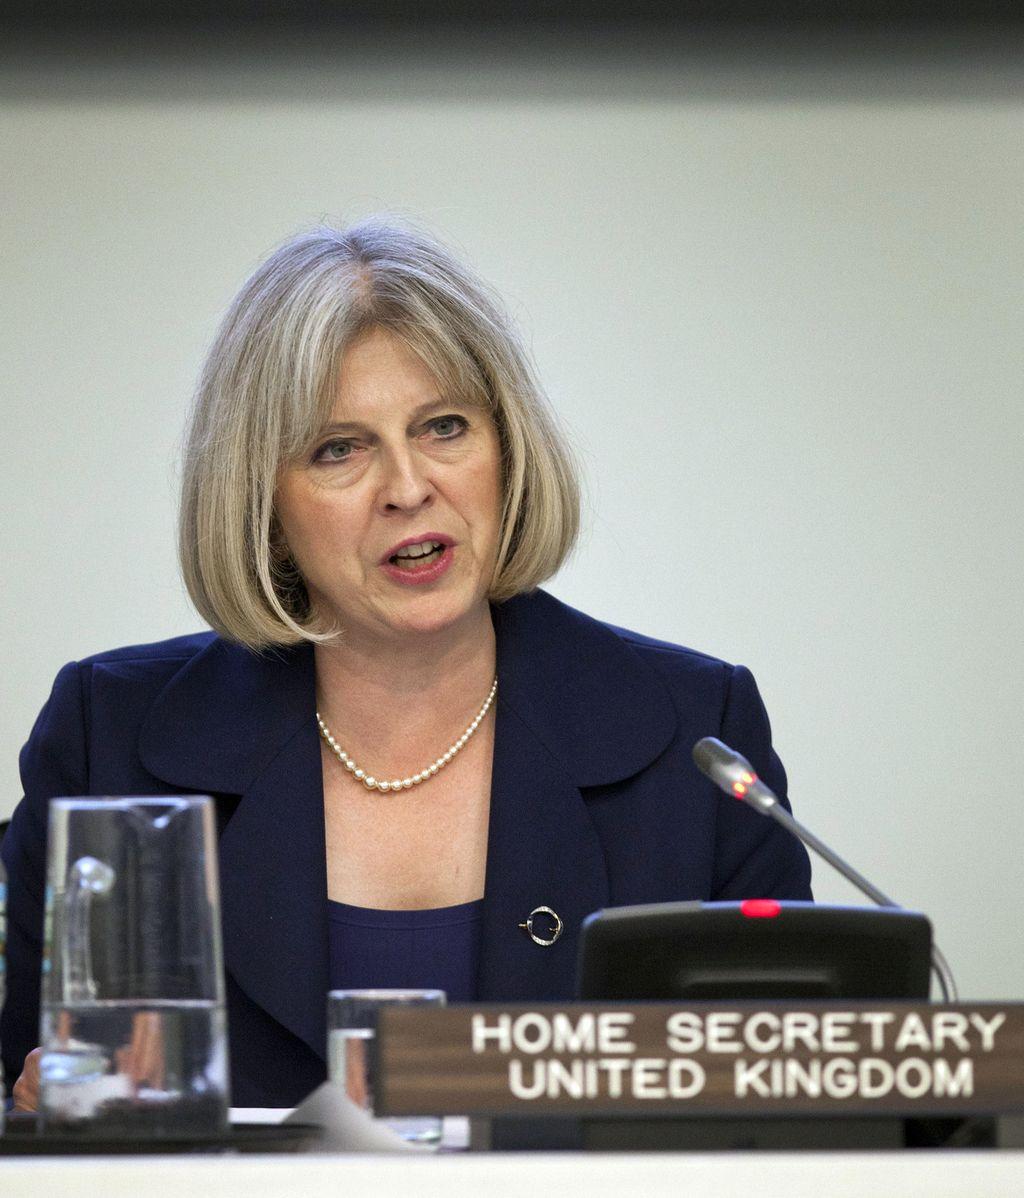 Reino Unido eleva el nivel de alerta por terrorismo por la situación en Irak y Siria